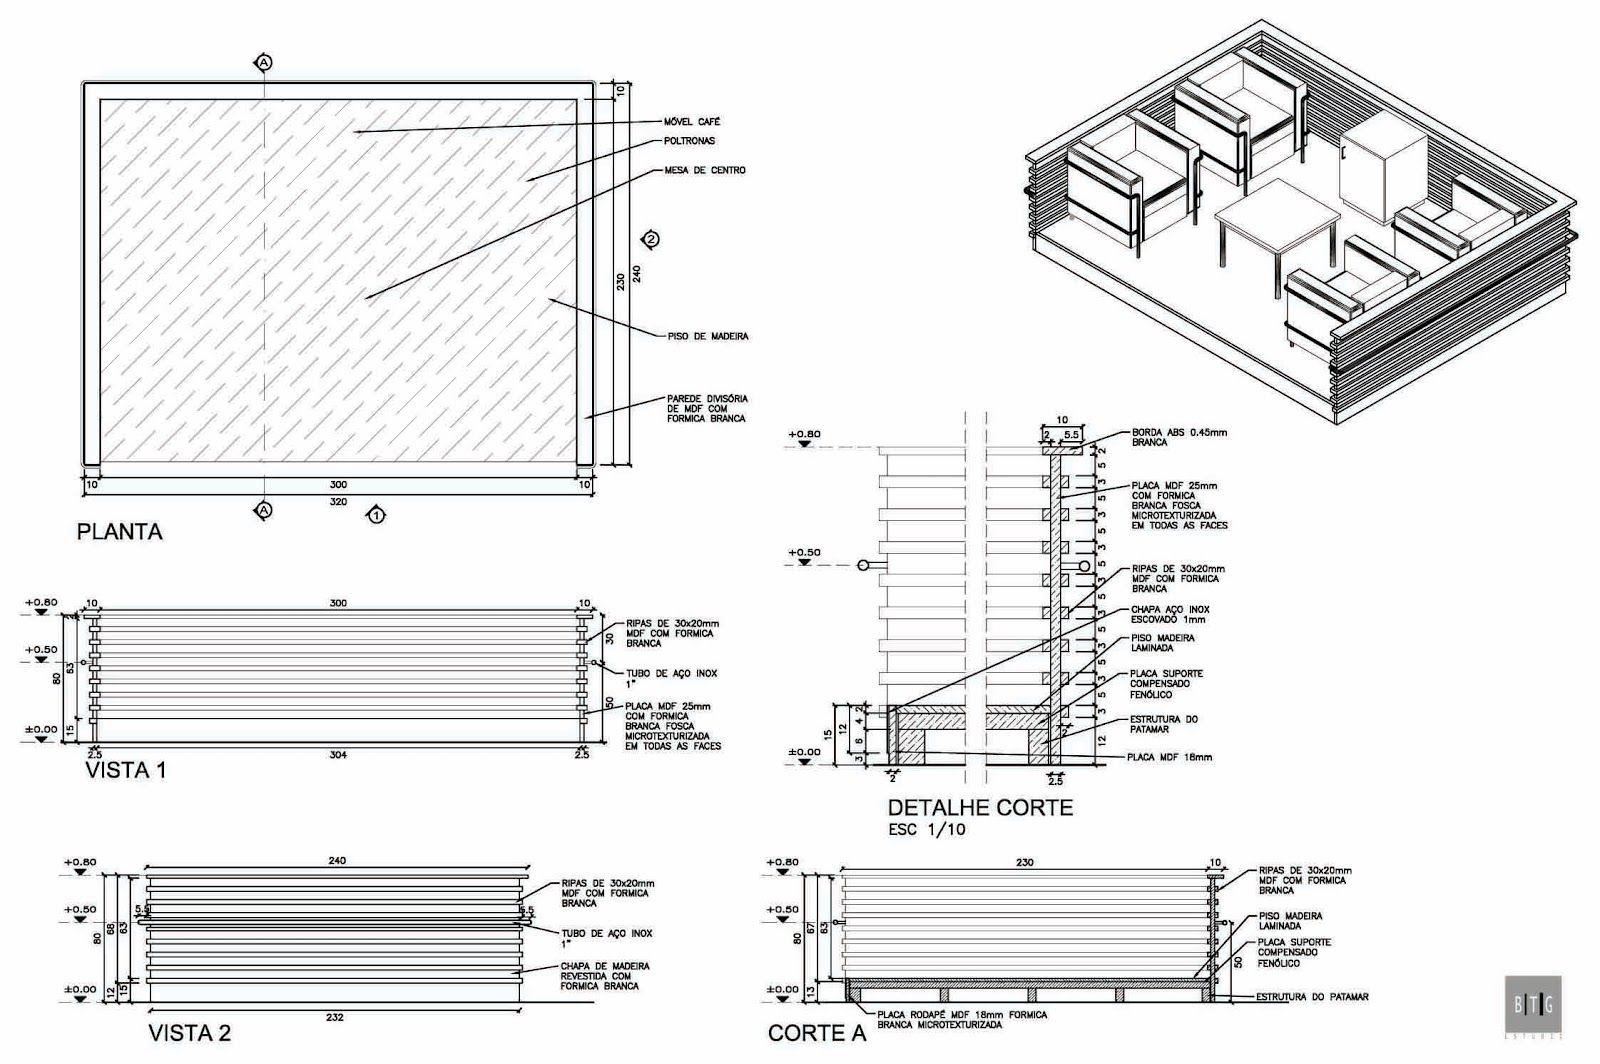 MARIANA PROJETISTA: Portifólio #12: Desenho de Mobiliário